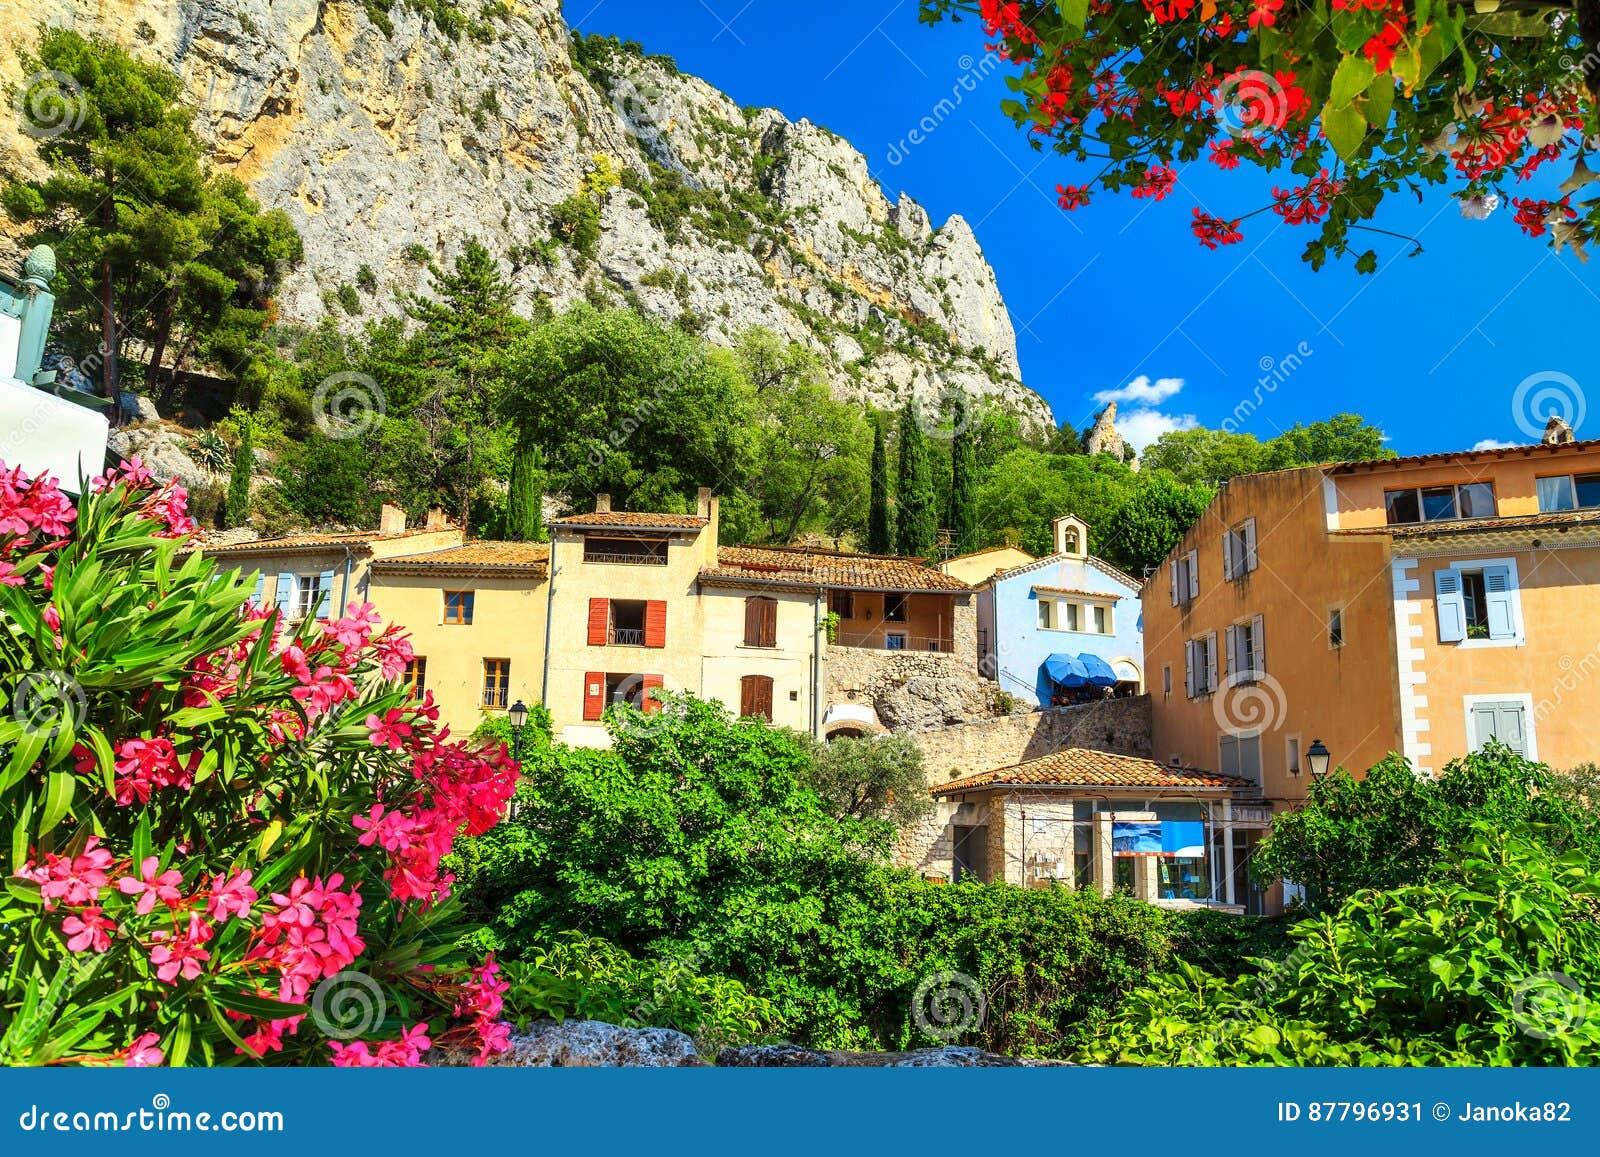 Fachadas Mediterráneas Medievales Coloridas En Moustiers